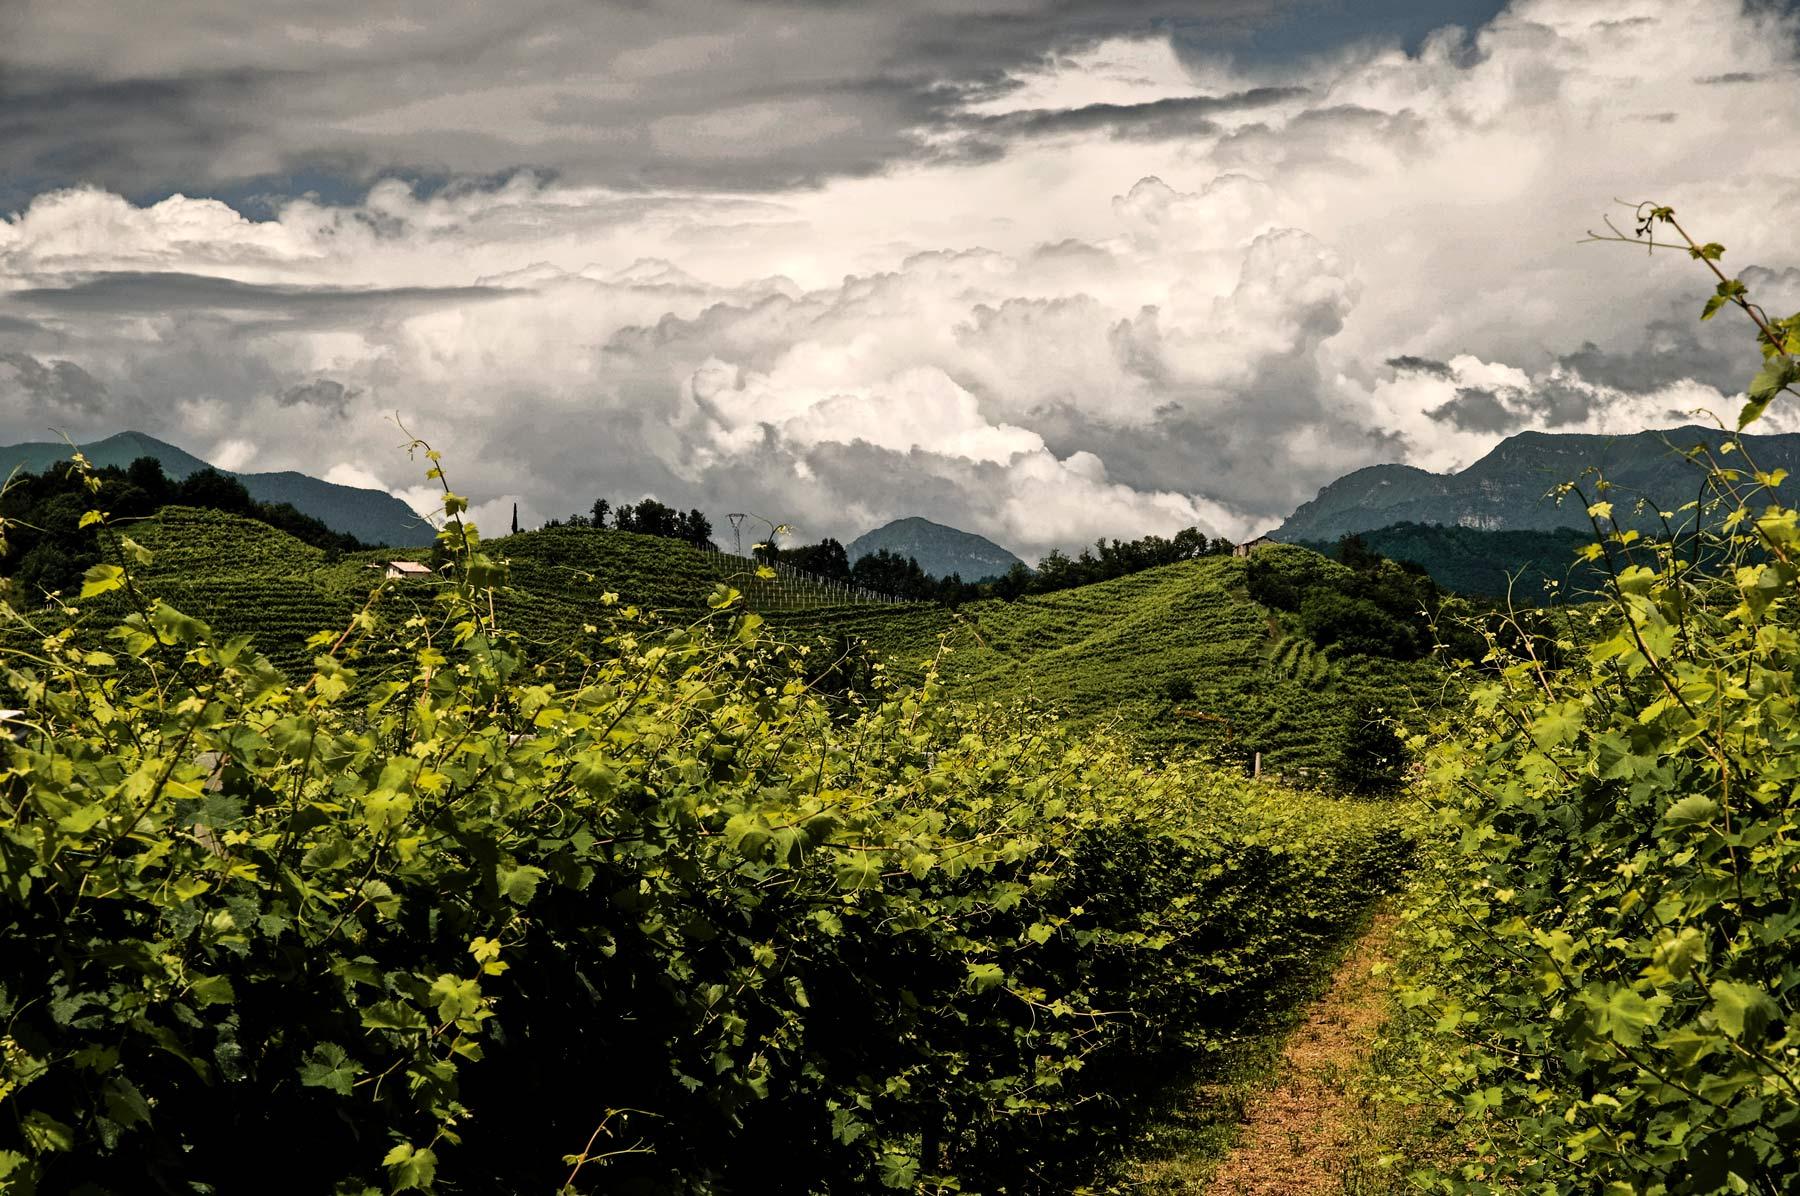 Ein Bild der Lagen von La Tordera. Steile Weinberge und ein Sommergewitter.